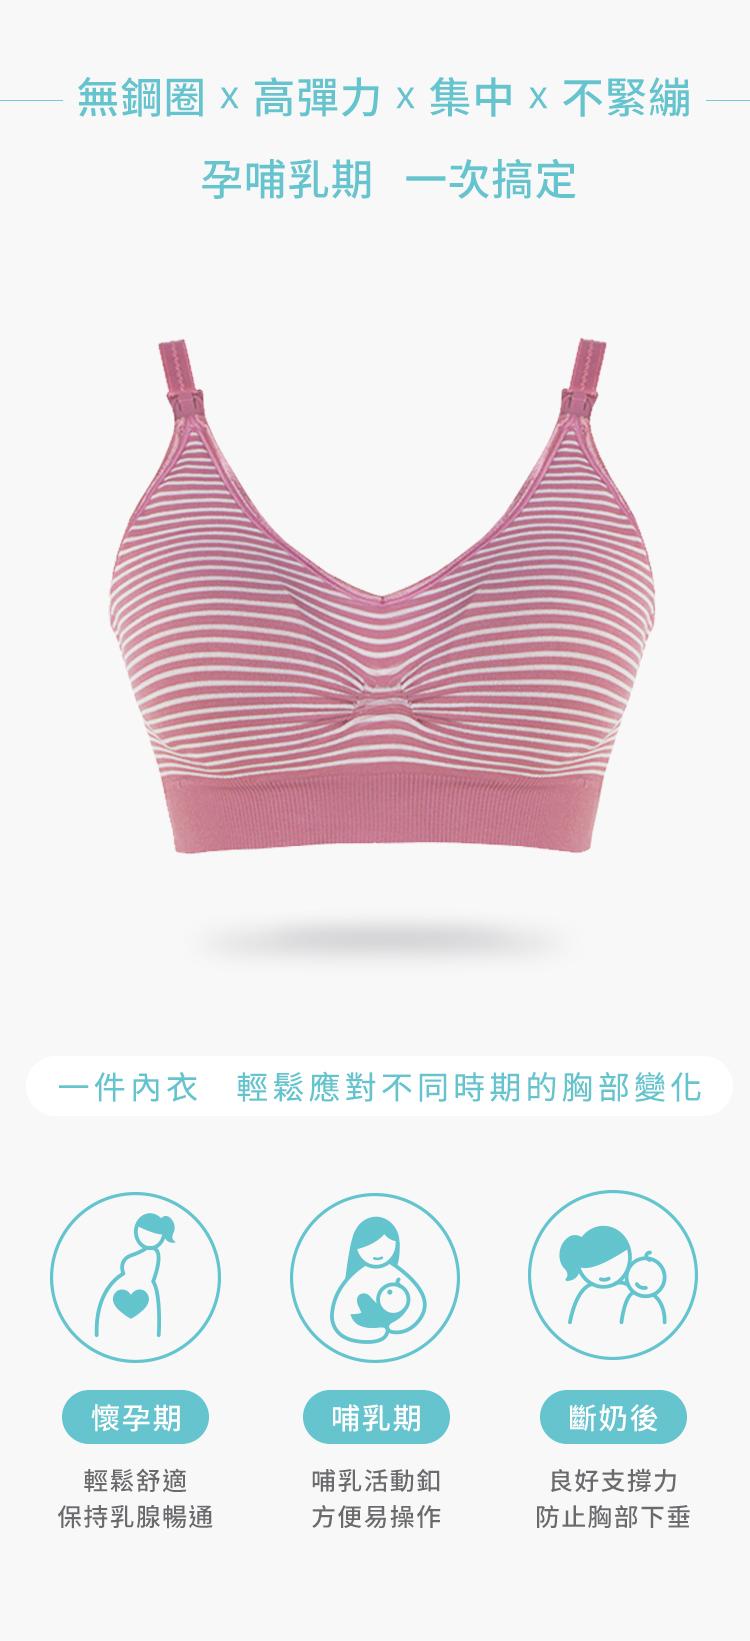 孕哺乳期, 無鋼圈, 高彈力, 集中, 不緊繃, 哺乳內衣, 舒適內衣, 哺乳內衣, 胸部變化, 高彈力無痕孕哺乳胸罩